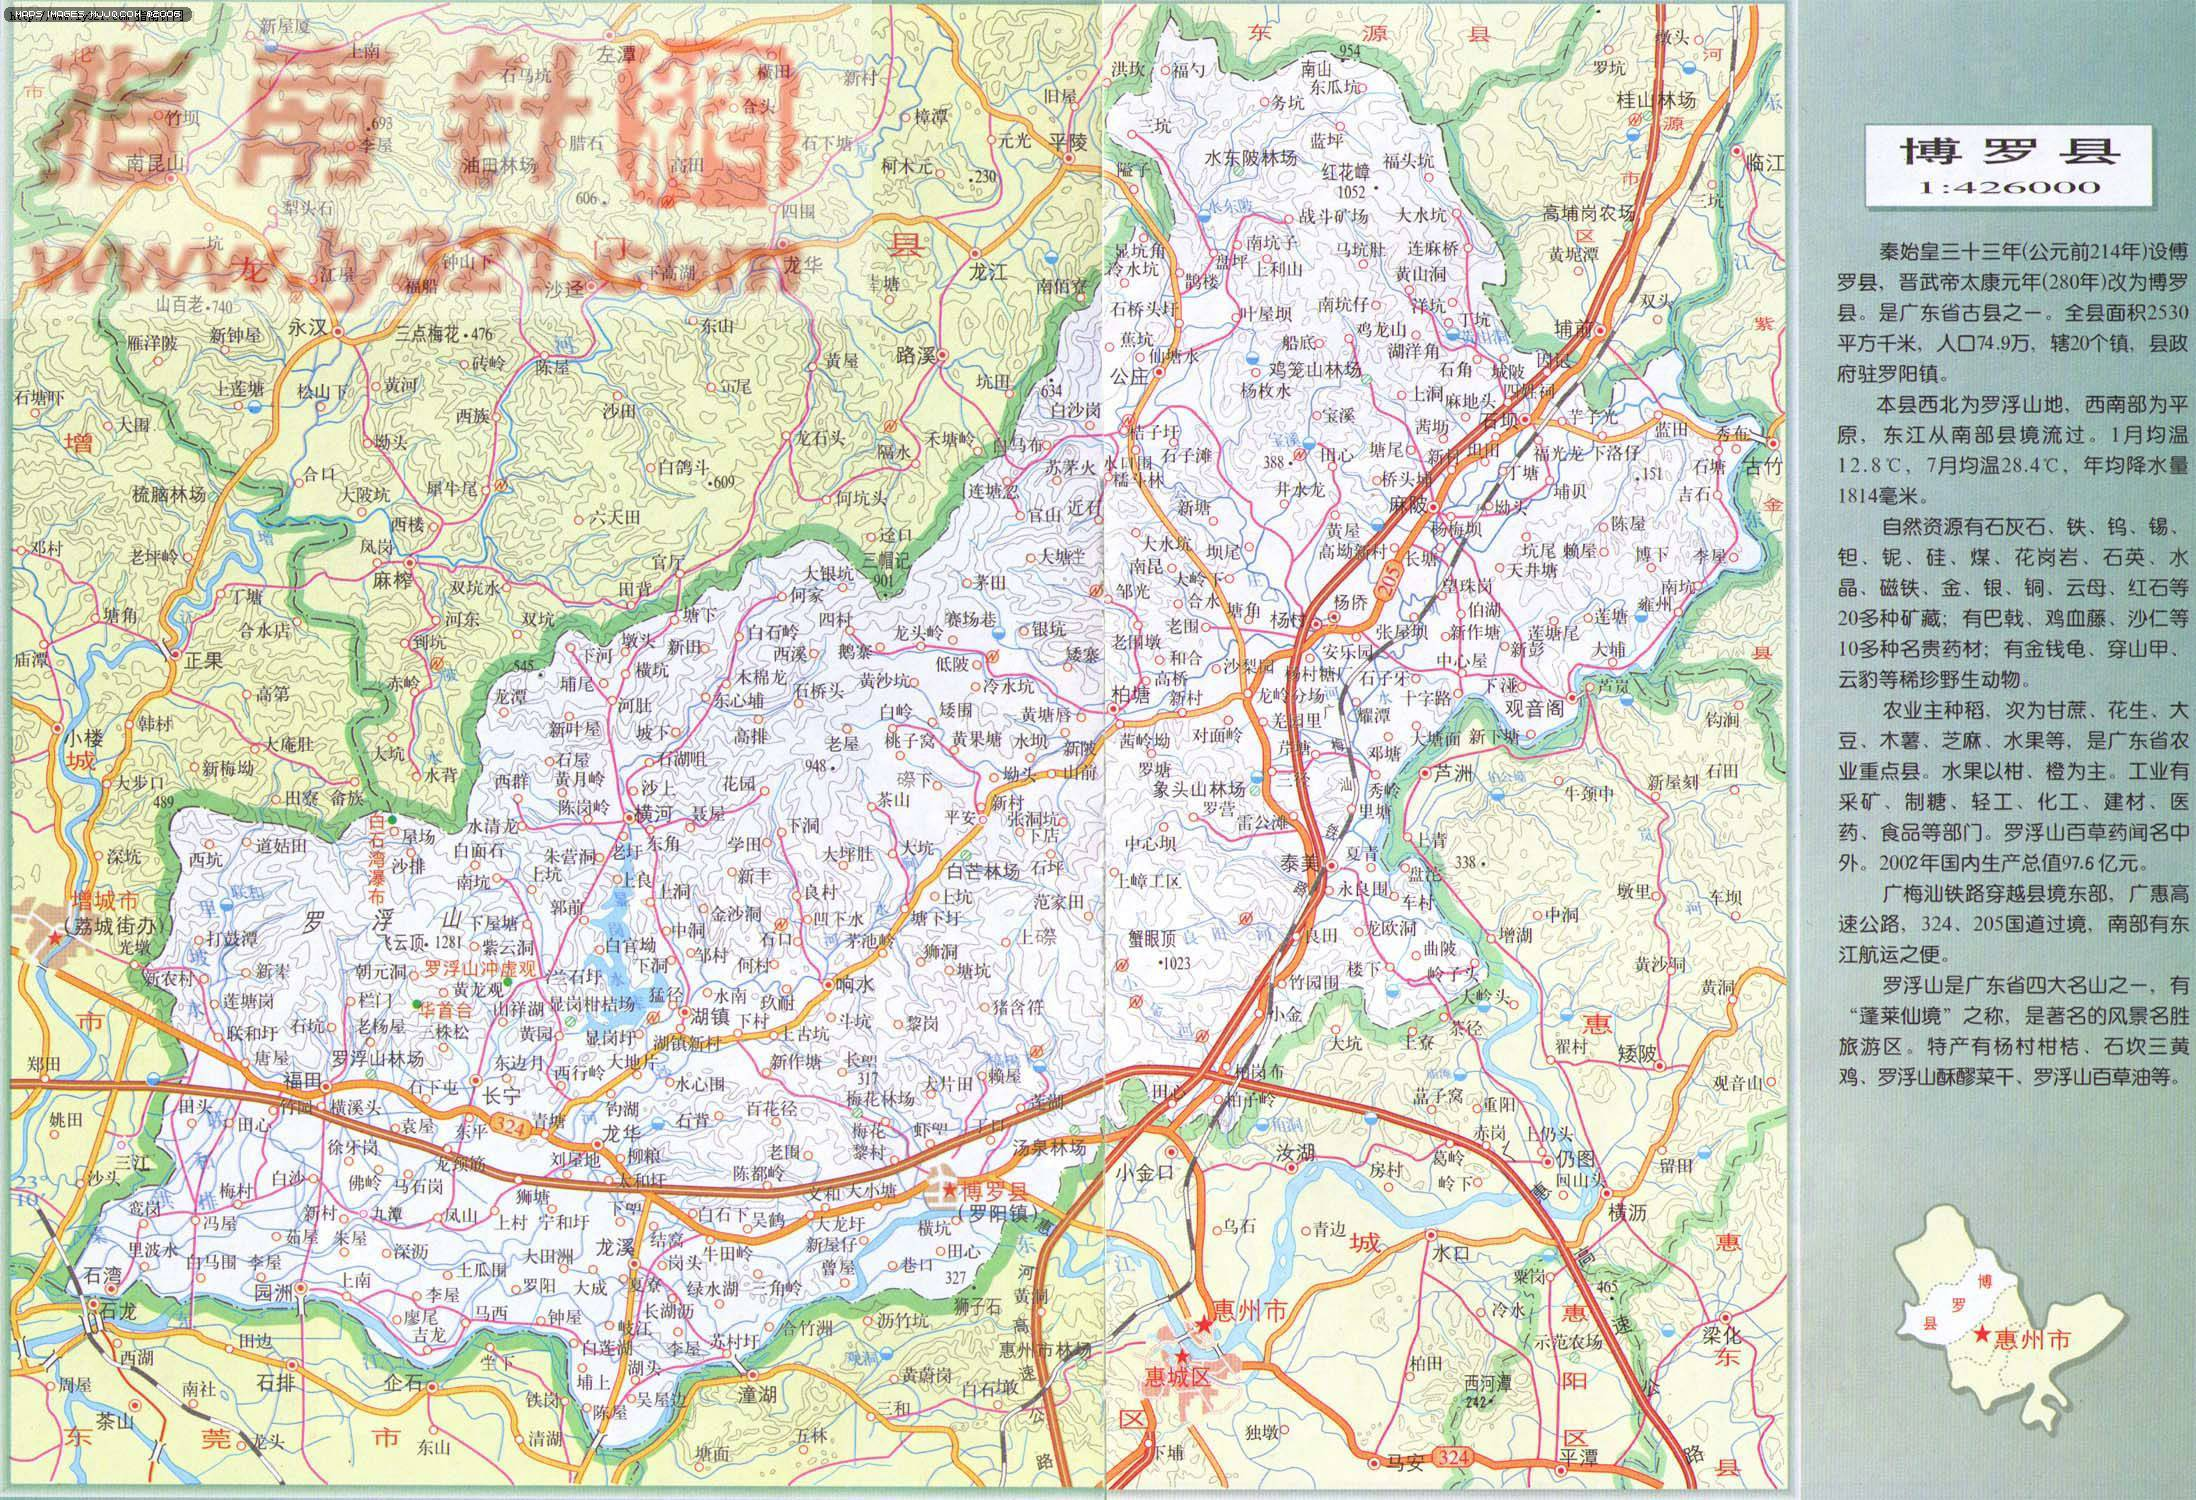 地图 广东省/广东省惠州市博罗县地图